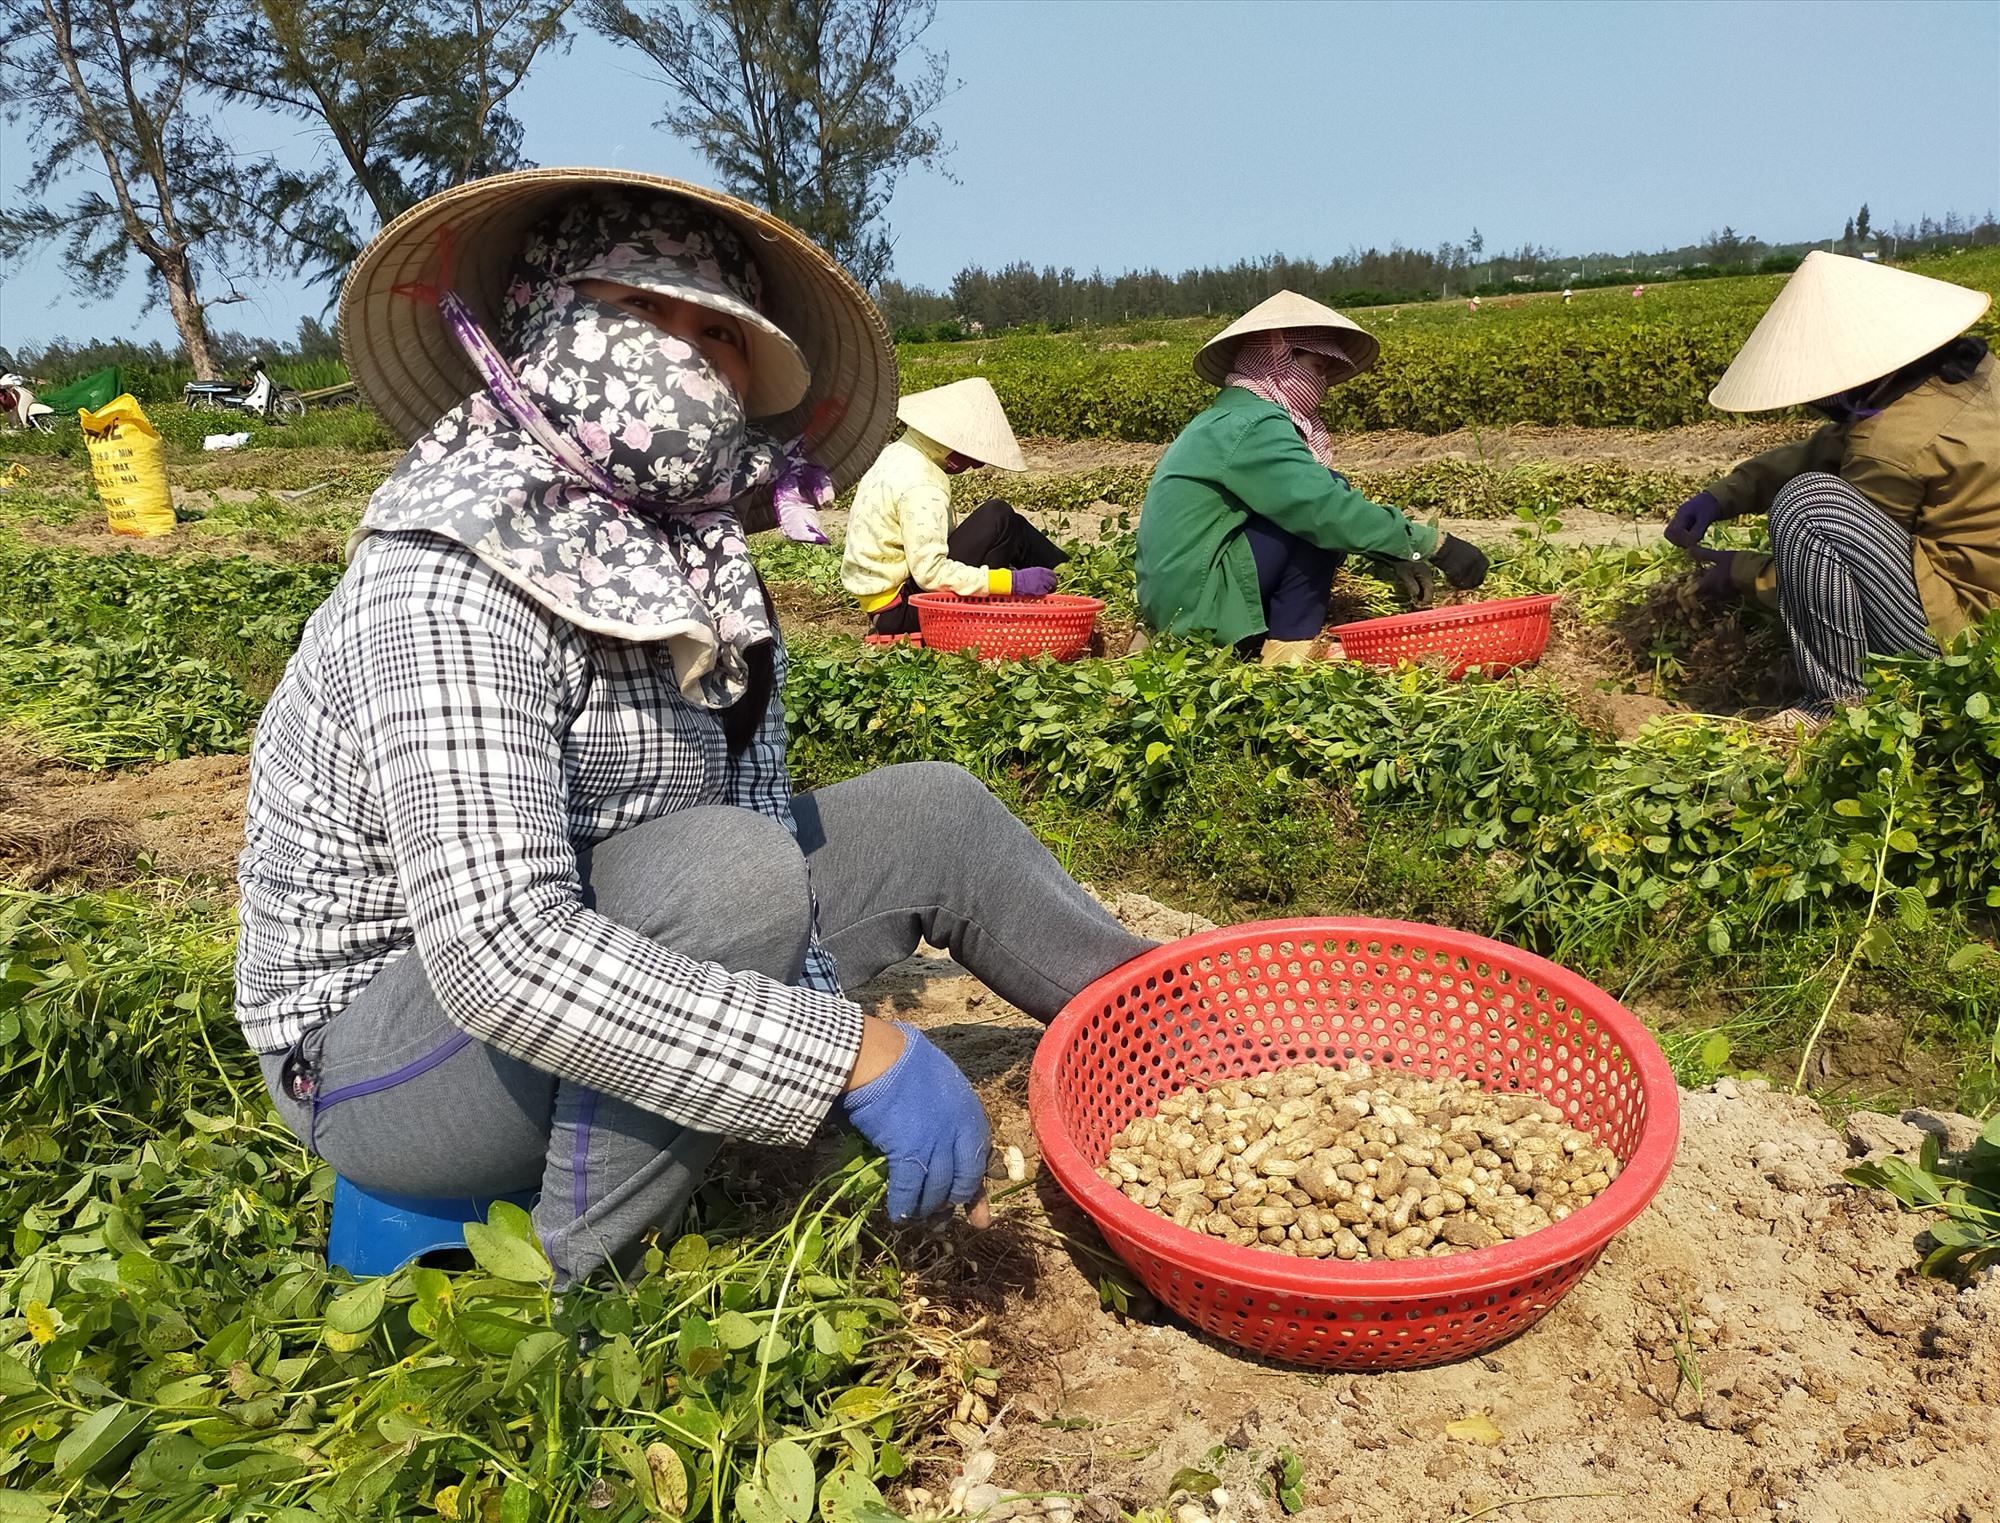 Vụ đông xuân 2019 - 2020, áp dụng phương thức sản xuất nông nghiệp thông minh, thích ứng với biến đổi khí hậu, nông dân xã Bình Giang tiết kiệm khá lớn chi phí sản xuất, cây đậu phụng cho năng suất cao. Ảnh: T.CHÂU